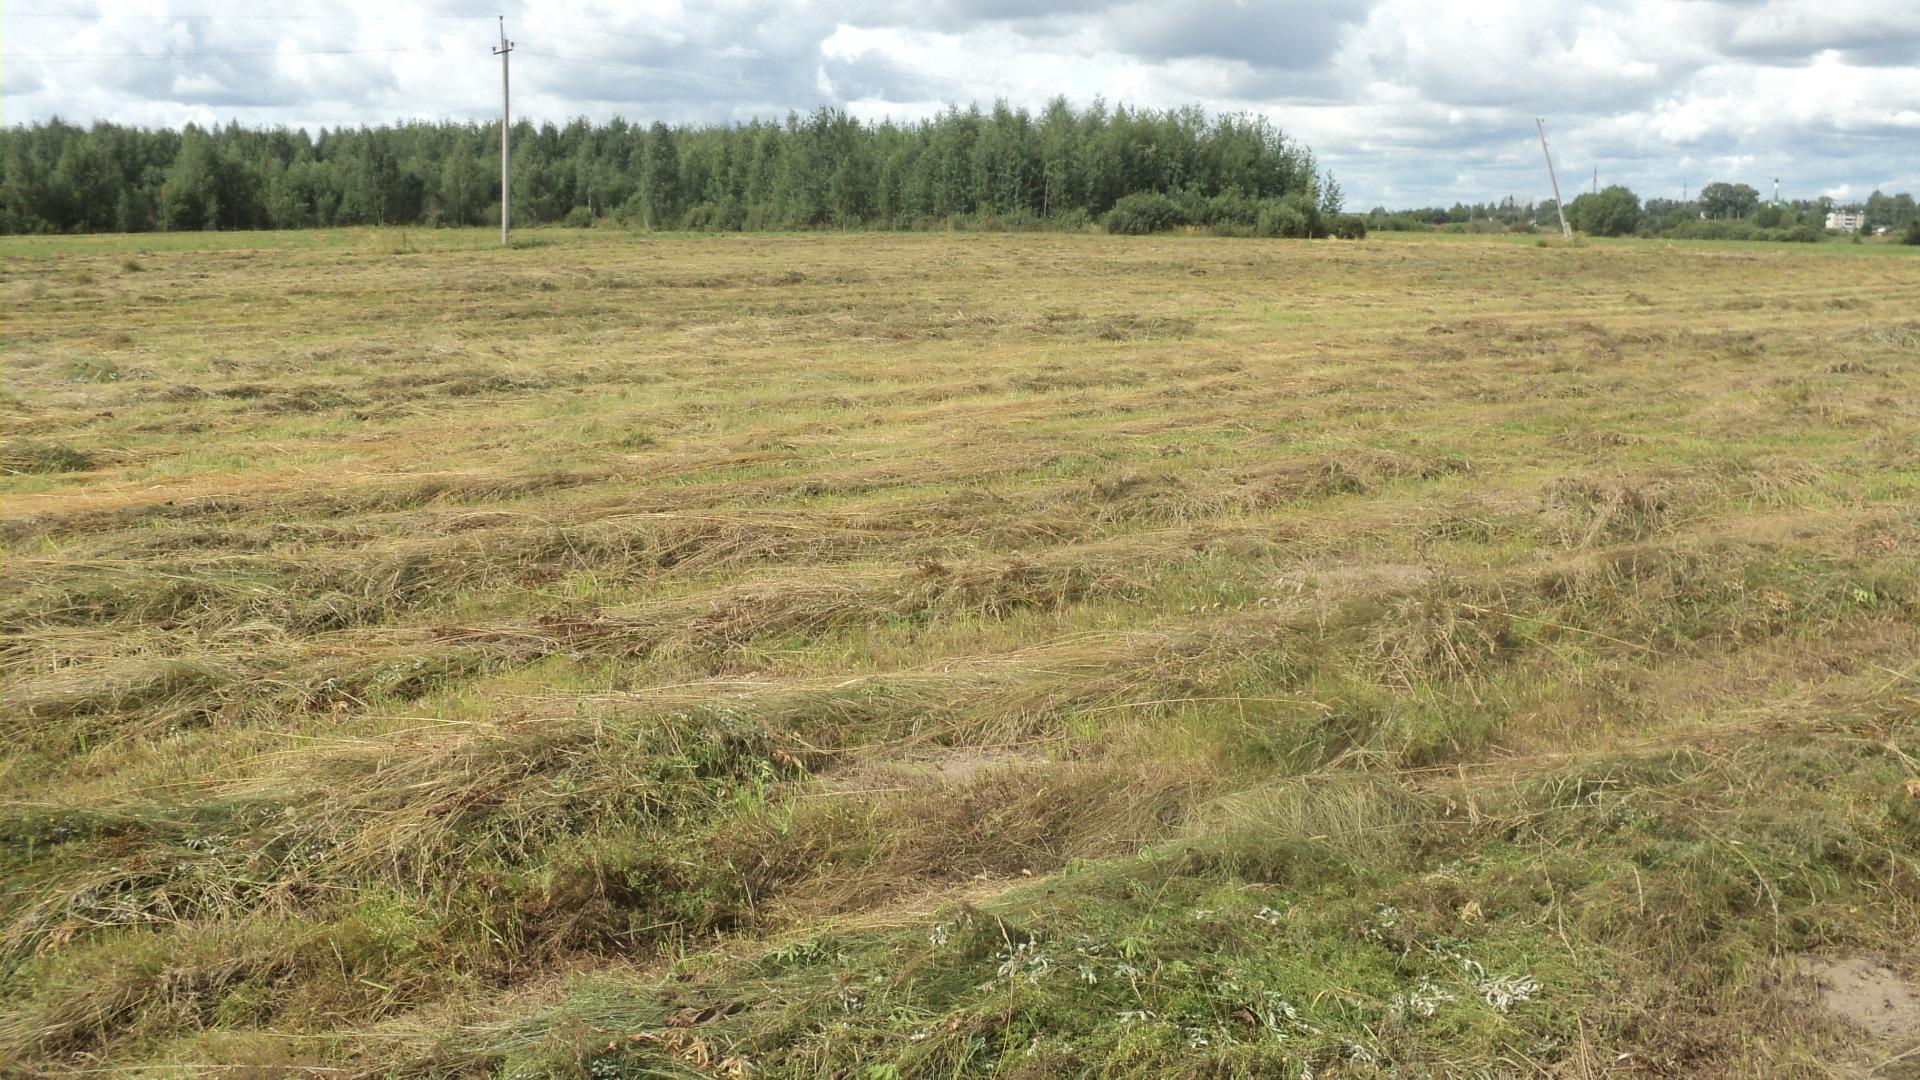 Началась актуализация кадастровой стоимости земель сельхозназначения